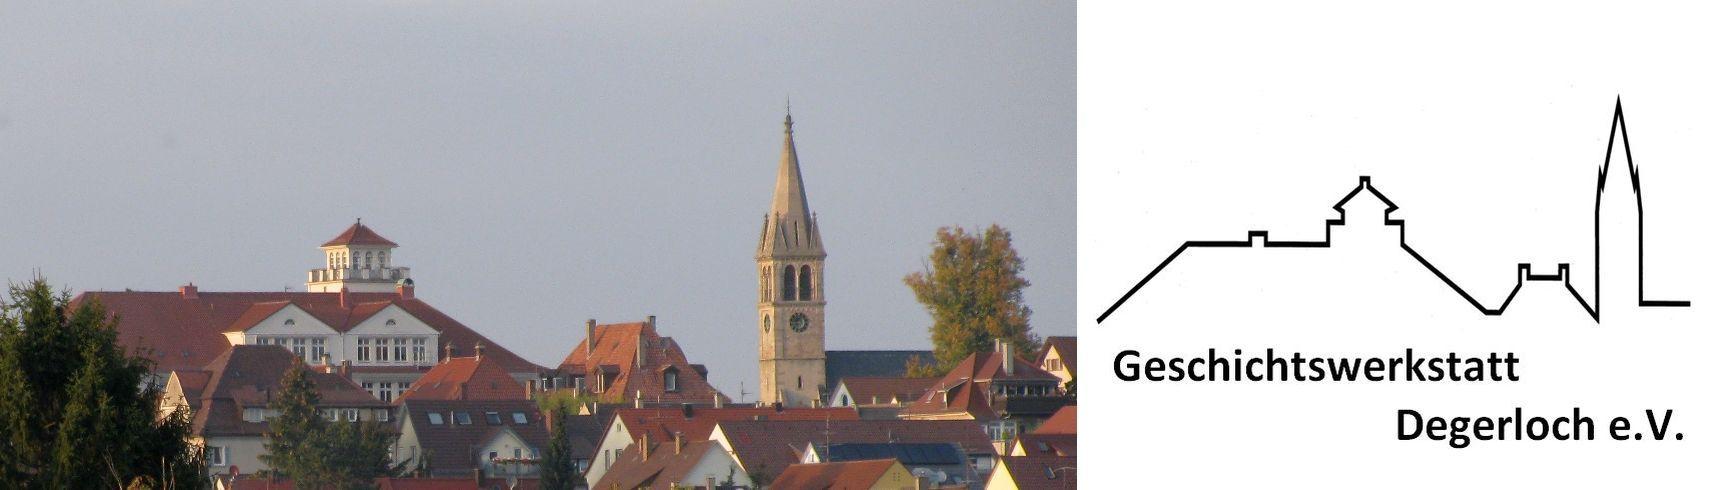 Geschichtswerkstatt Degerloch e.V.